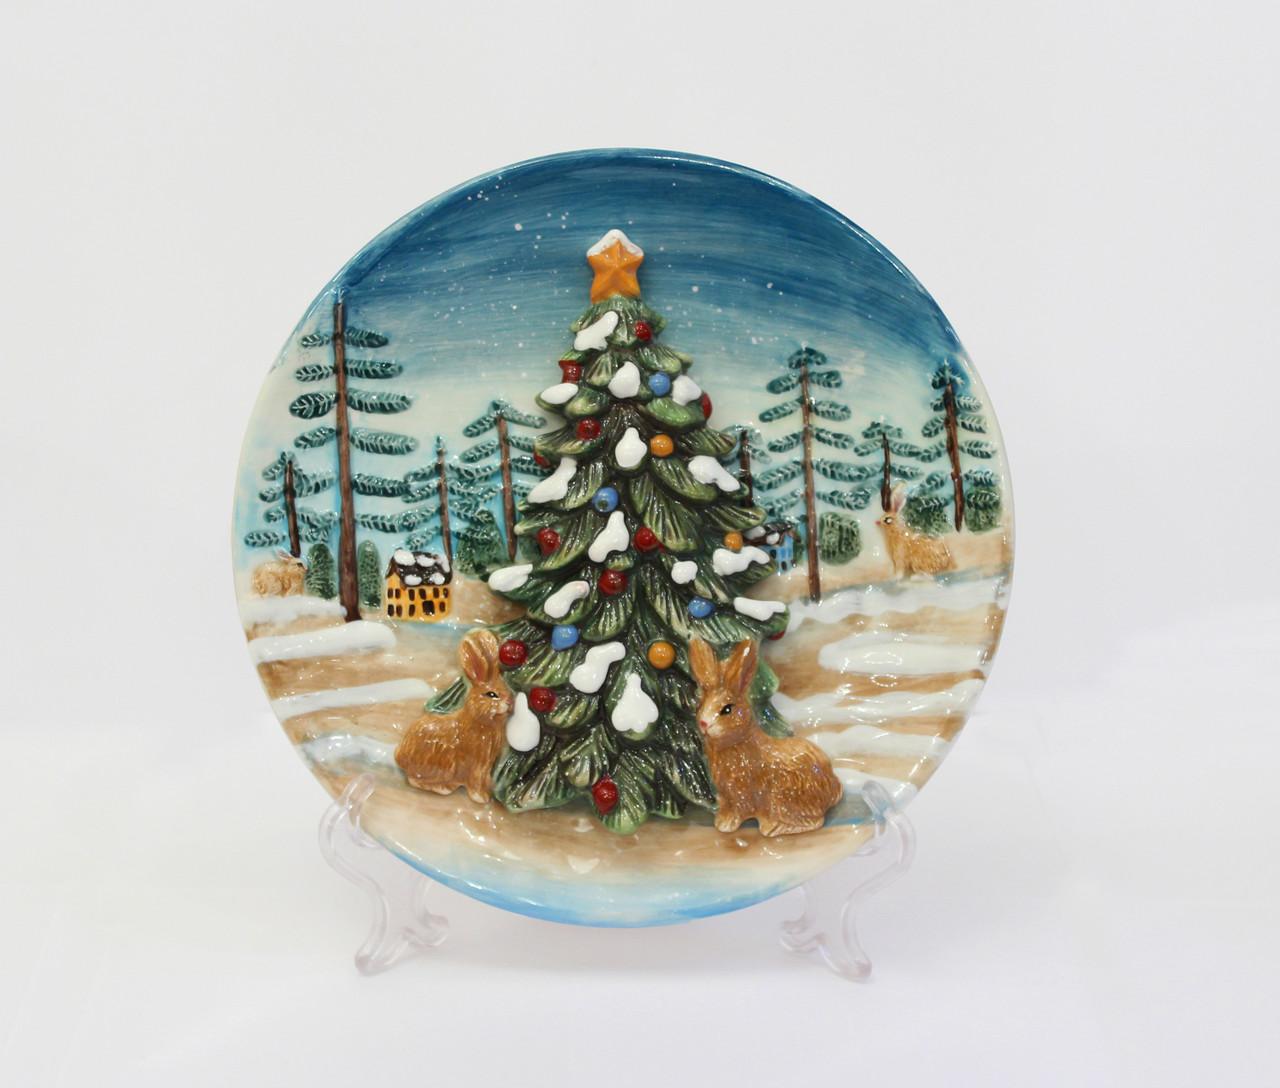 Декоративная тарелка Новогодняя елка. Ручная работа, Италия